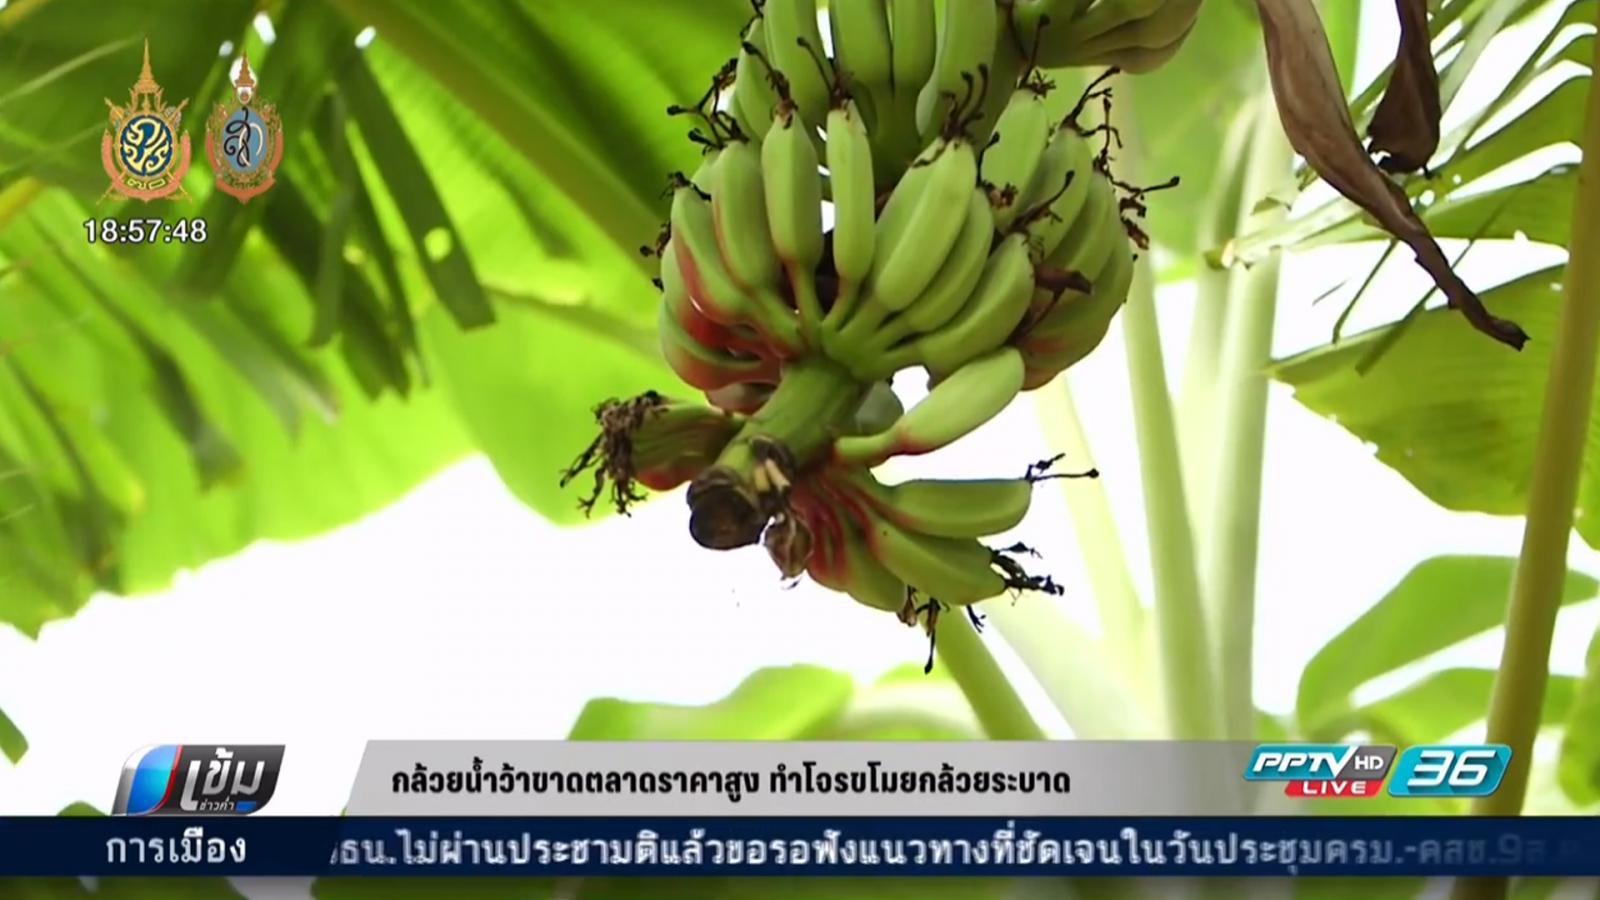 กล้วยน้ำว้าขาดตลาดราคาสูง ทำโจรขโมยกล้วยระบาด